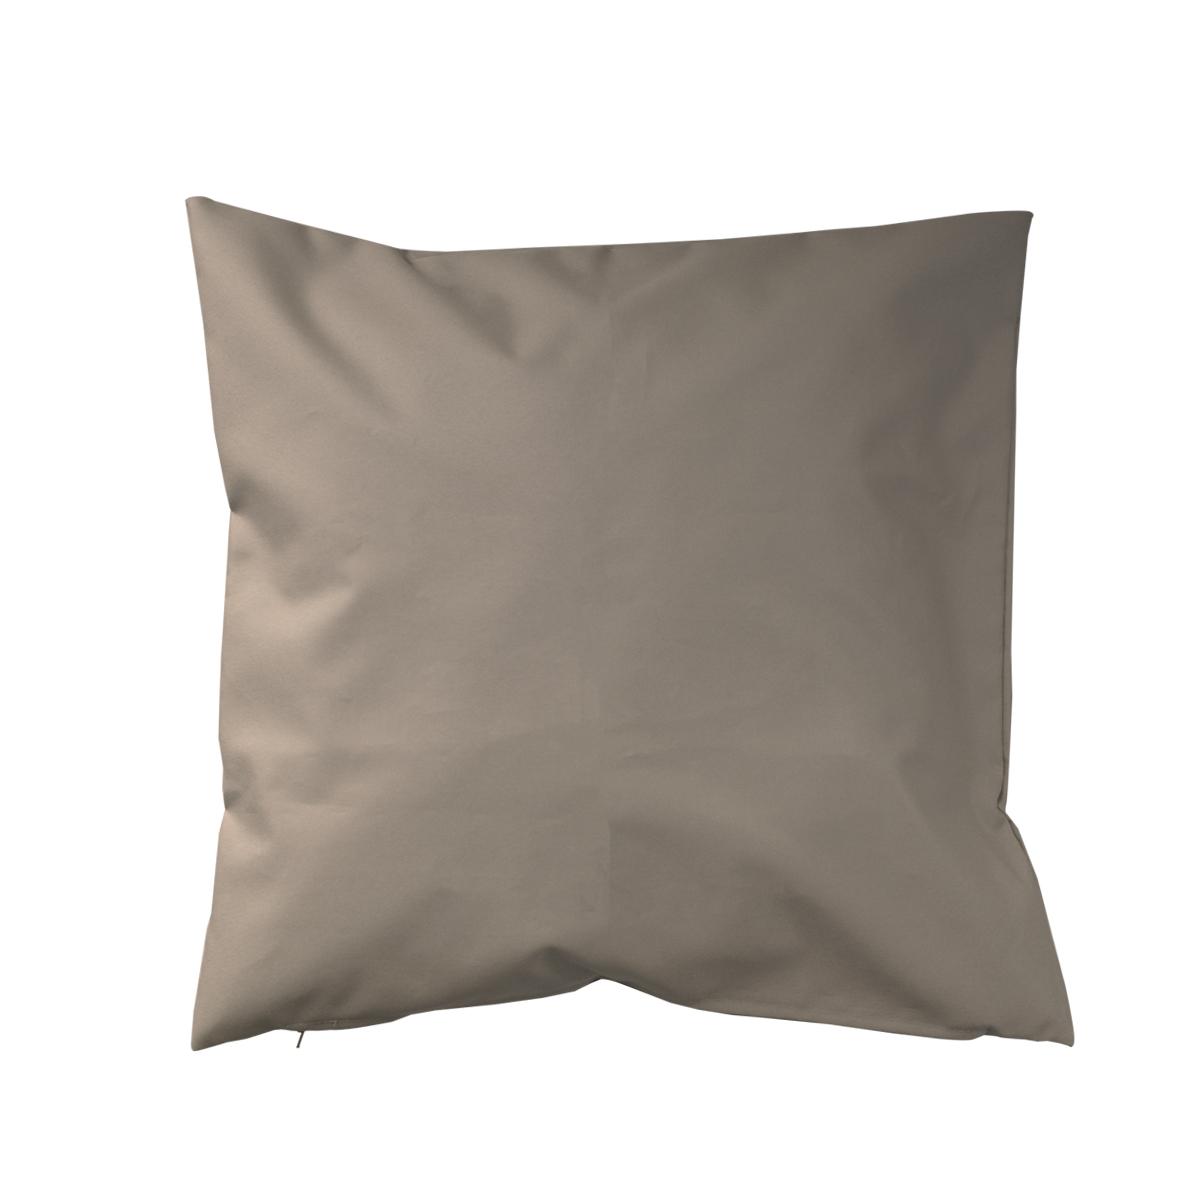 Housse de coussin d'extérieur en tissu outdoor - Taupe - 45 x 45cm